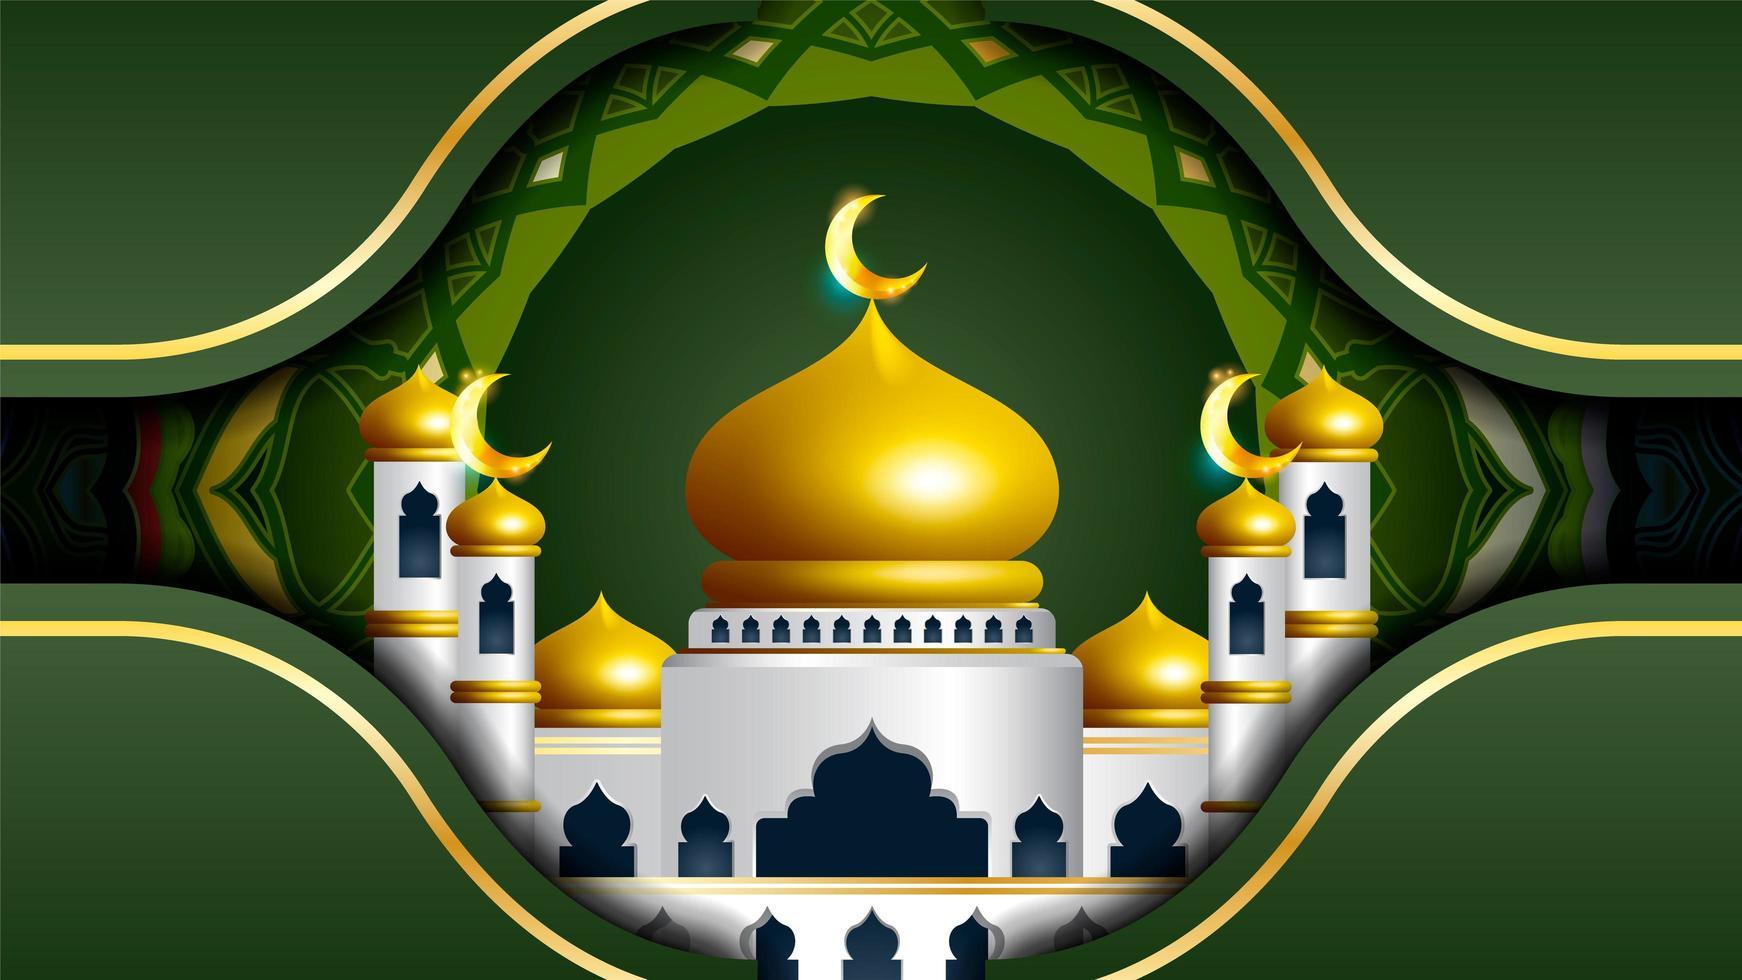 ramadan kareem groen ontwerp met moskee en mandala vector